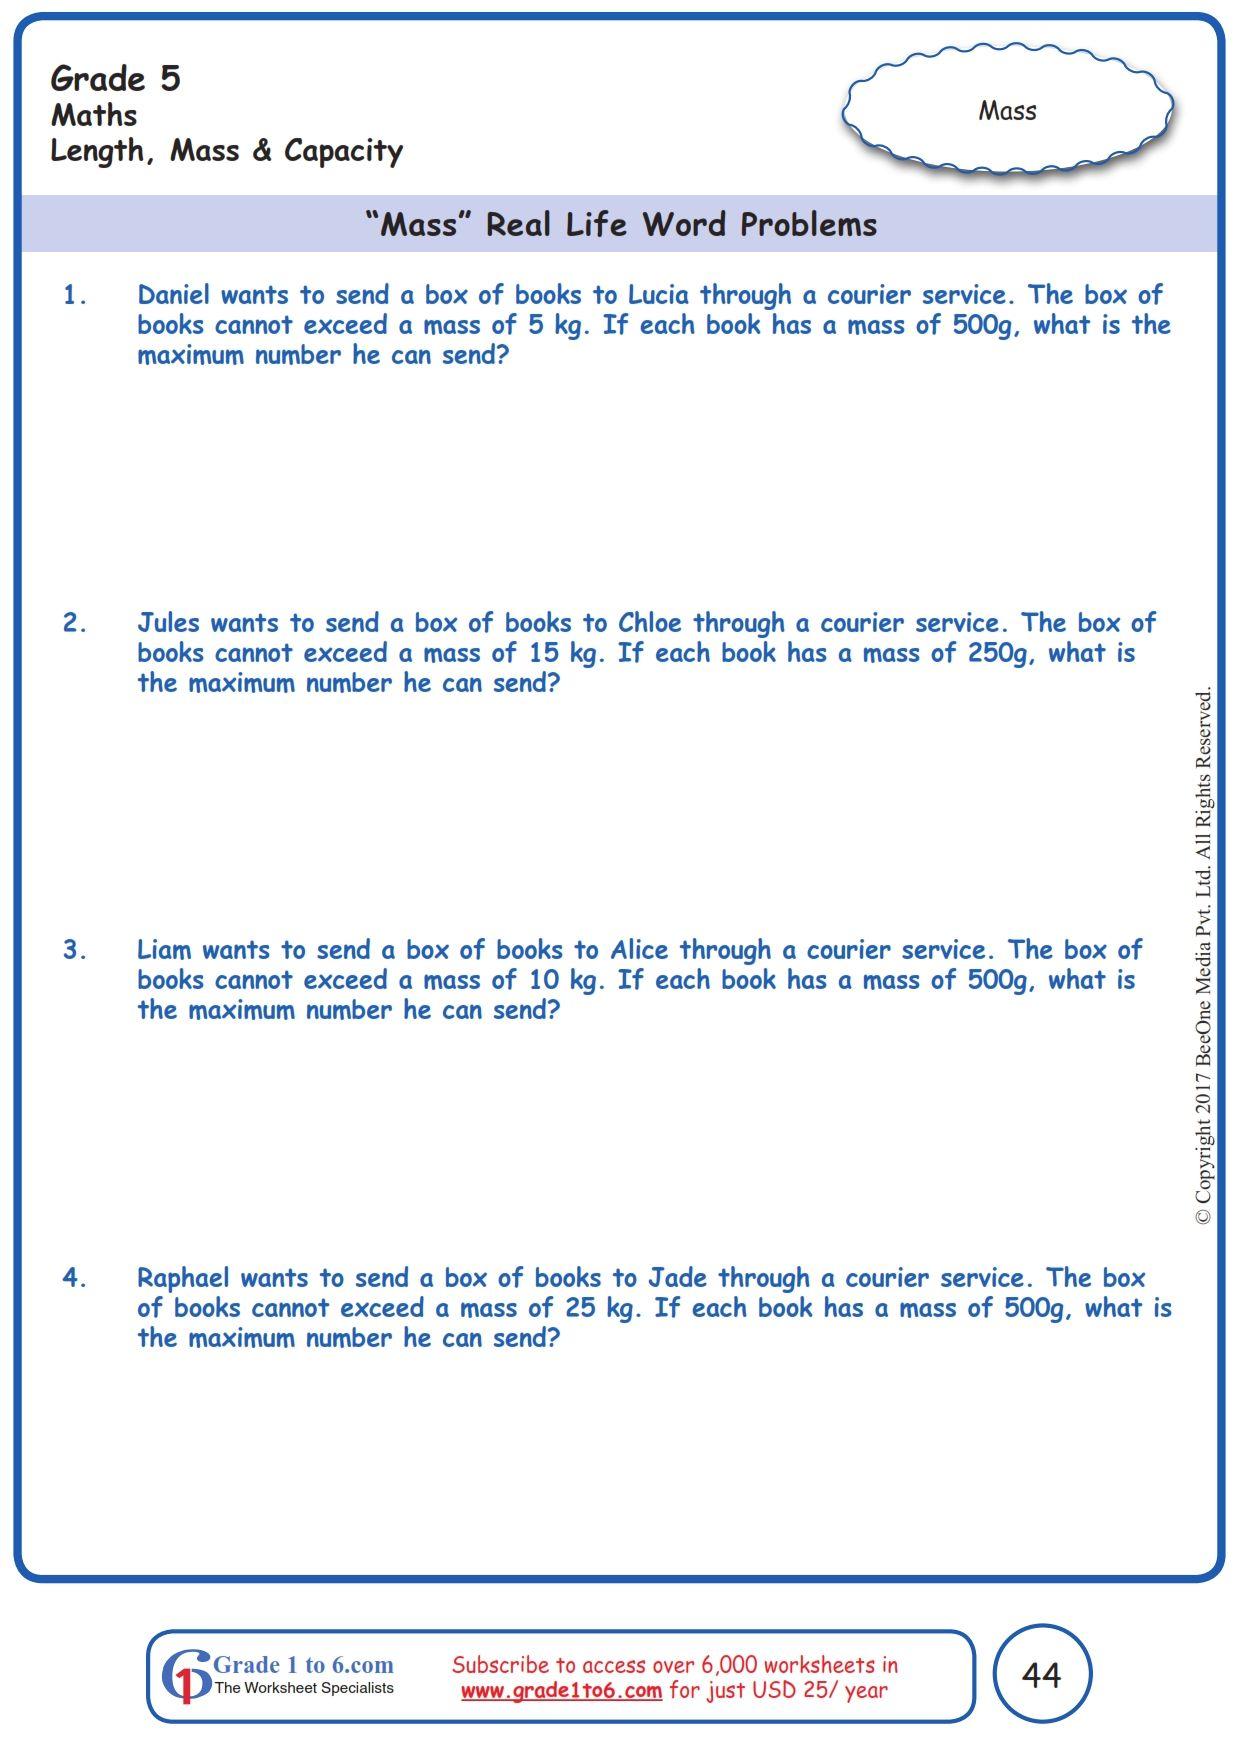 Worksheet Grade 5 Math Mass Real Life Word Problems In 2020 Word Problems Grade 5 Math Worksheets Free Math Worksheets